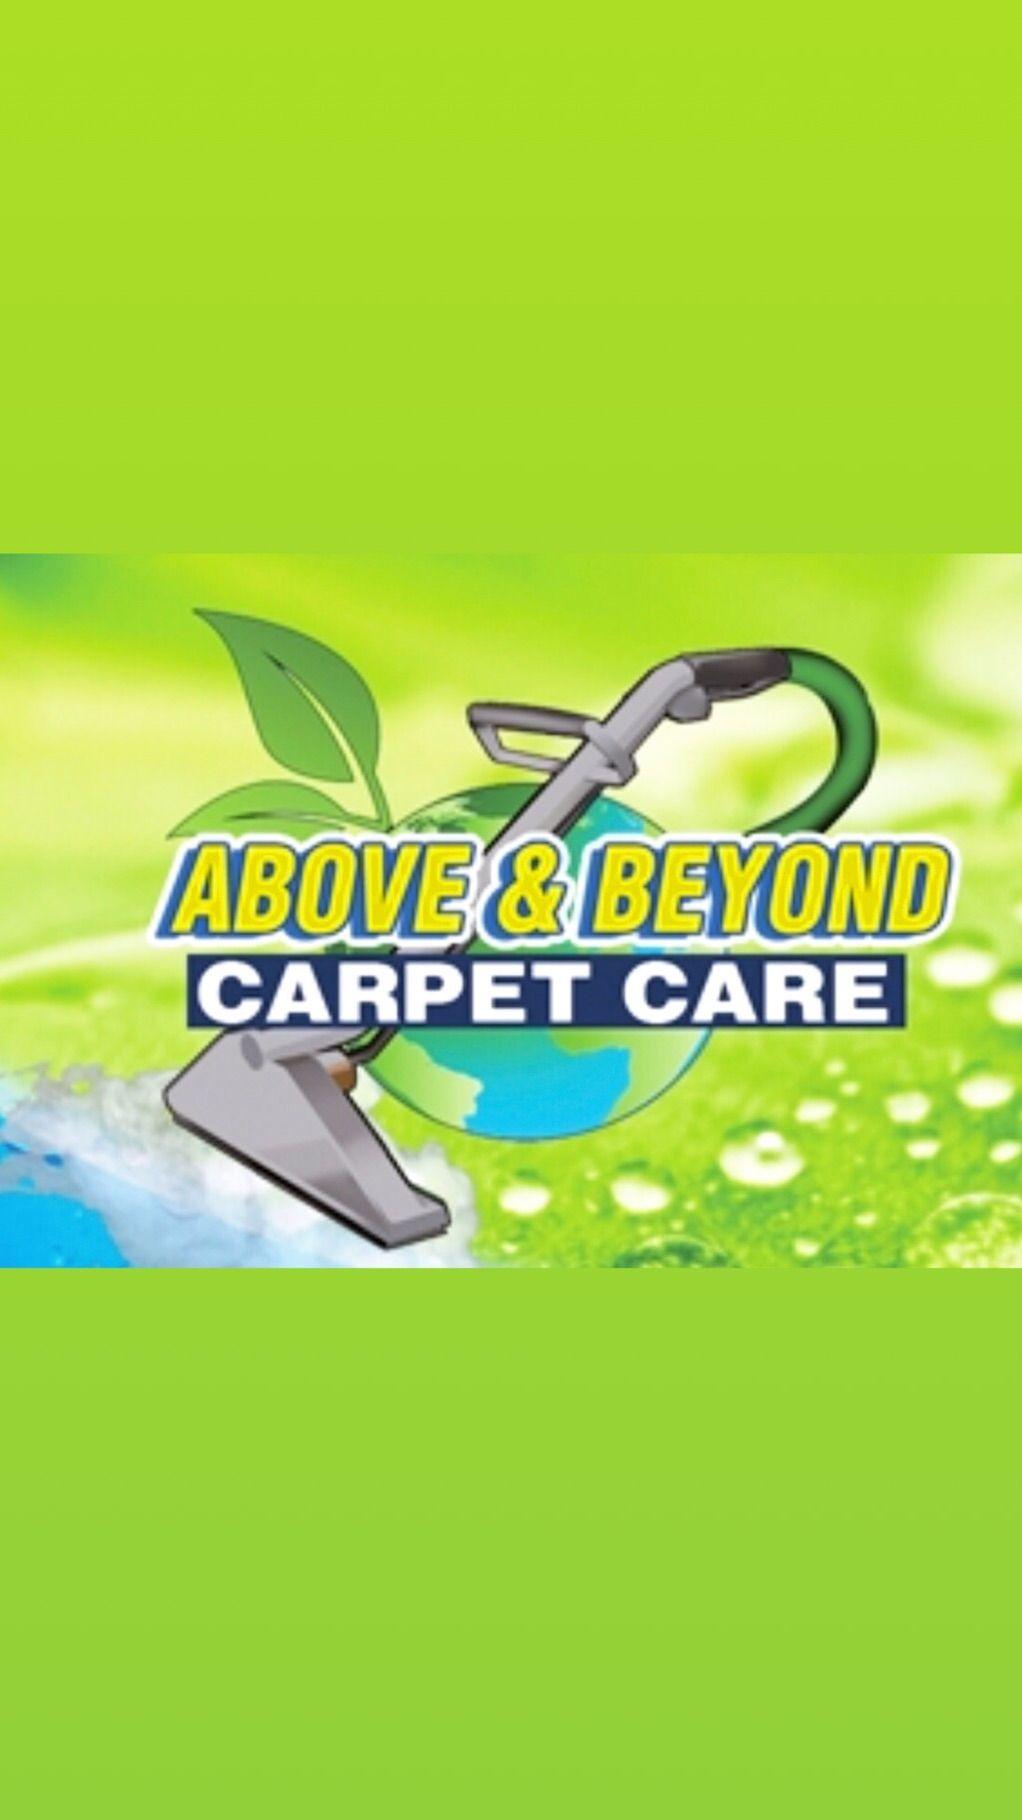 Above & Beyond Carpet Care